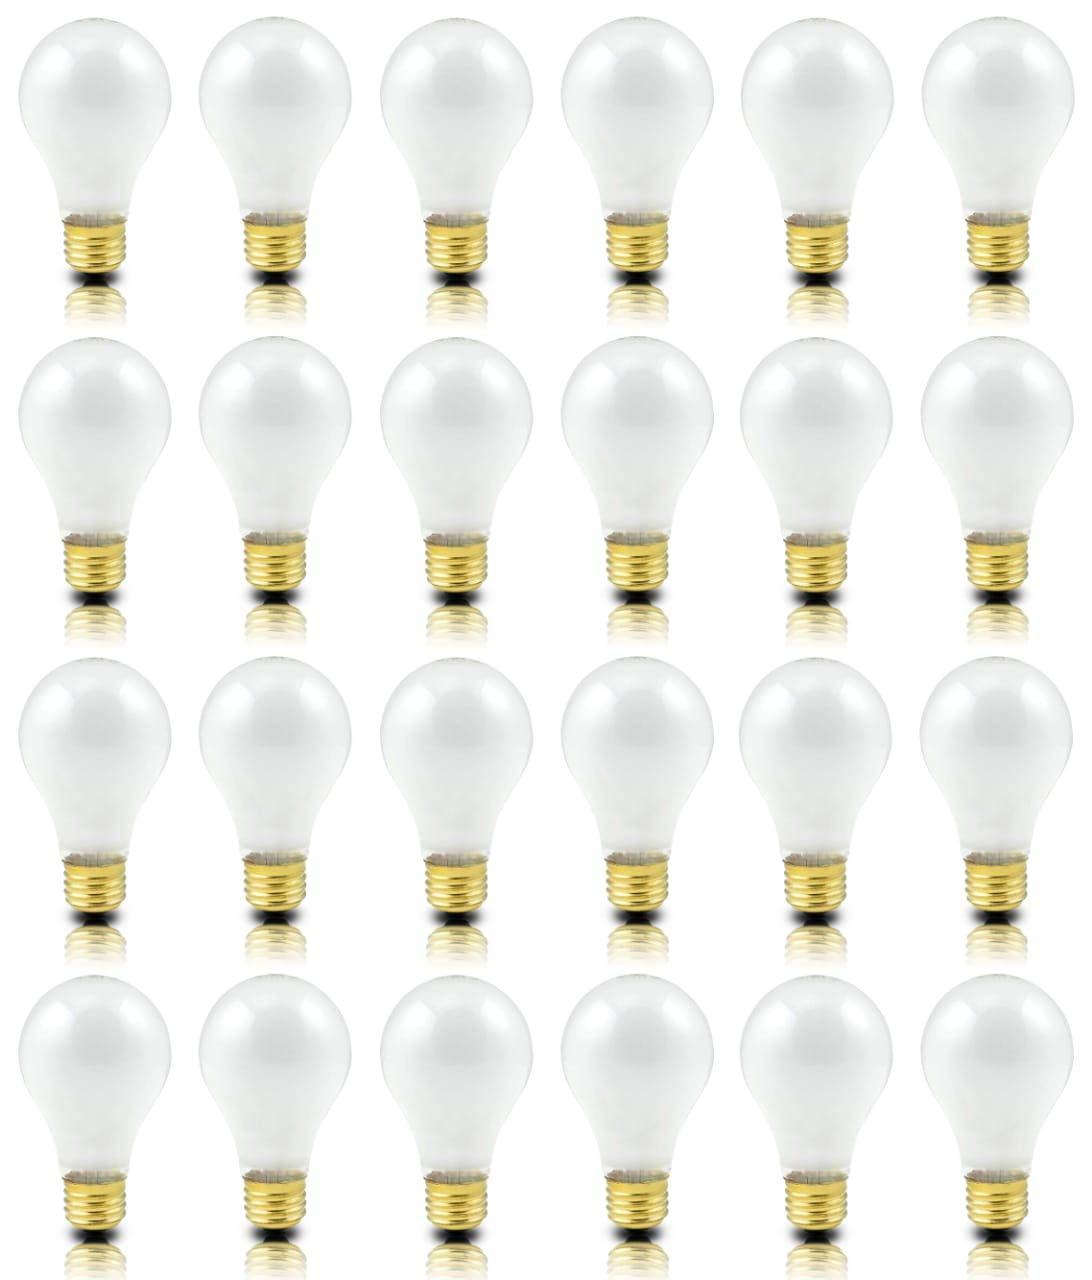 (Pack of 24) Incandescent 60 Watt A19 Light Bulb: Frosted Standard Household E26 Medium Base Rough Service Light Bulbs